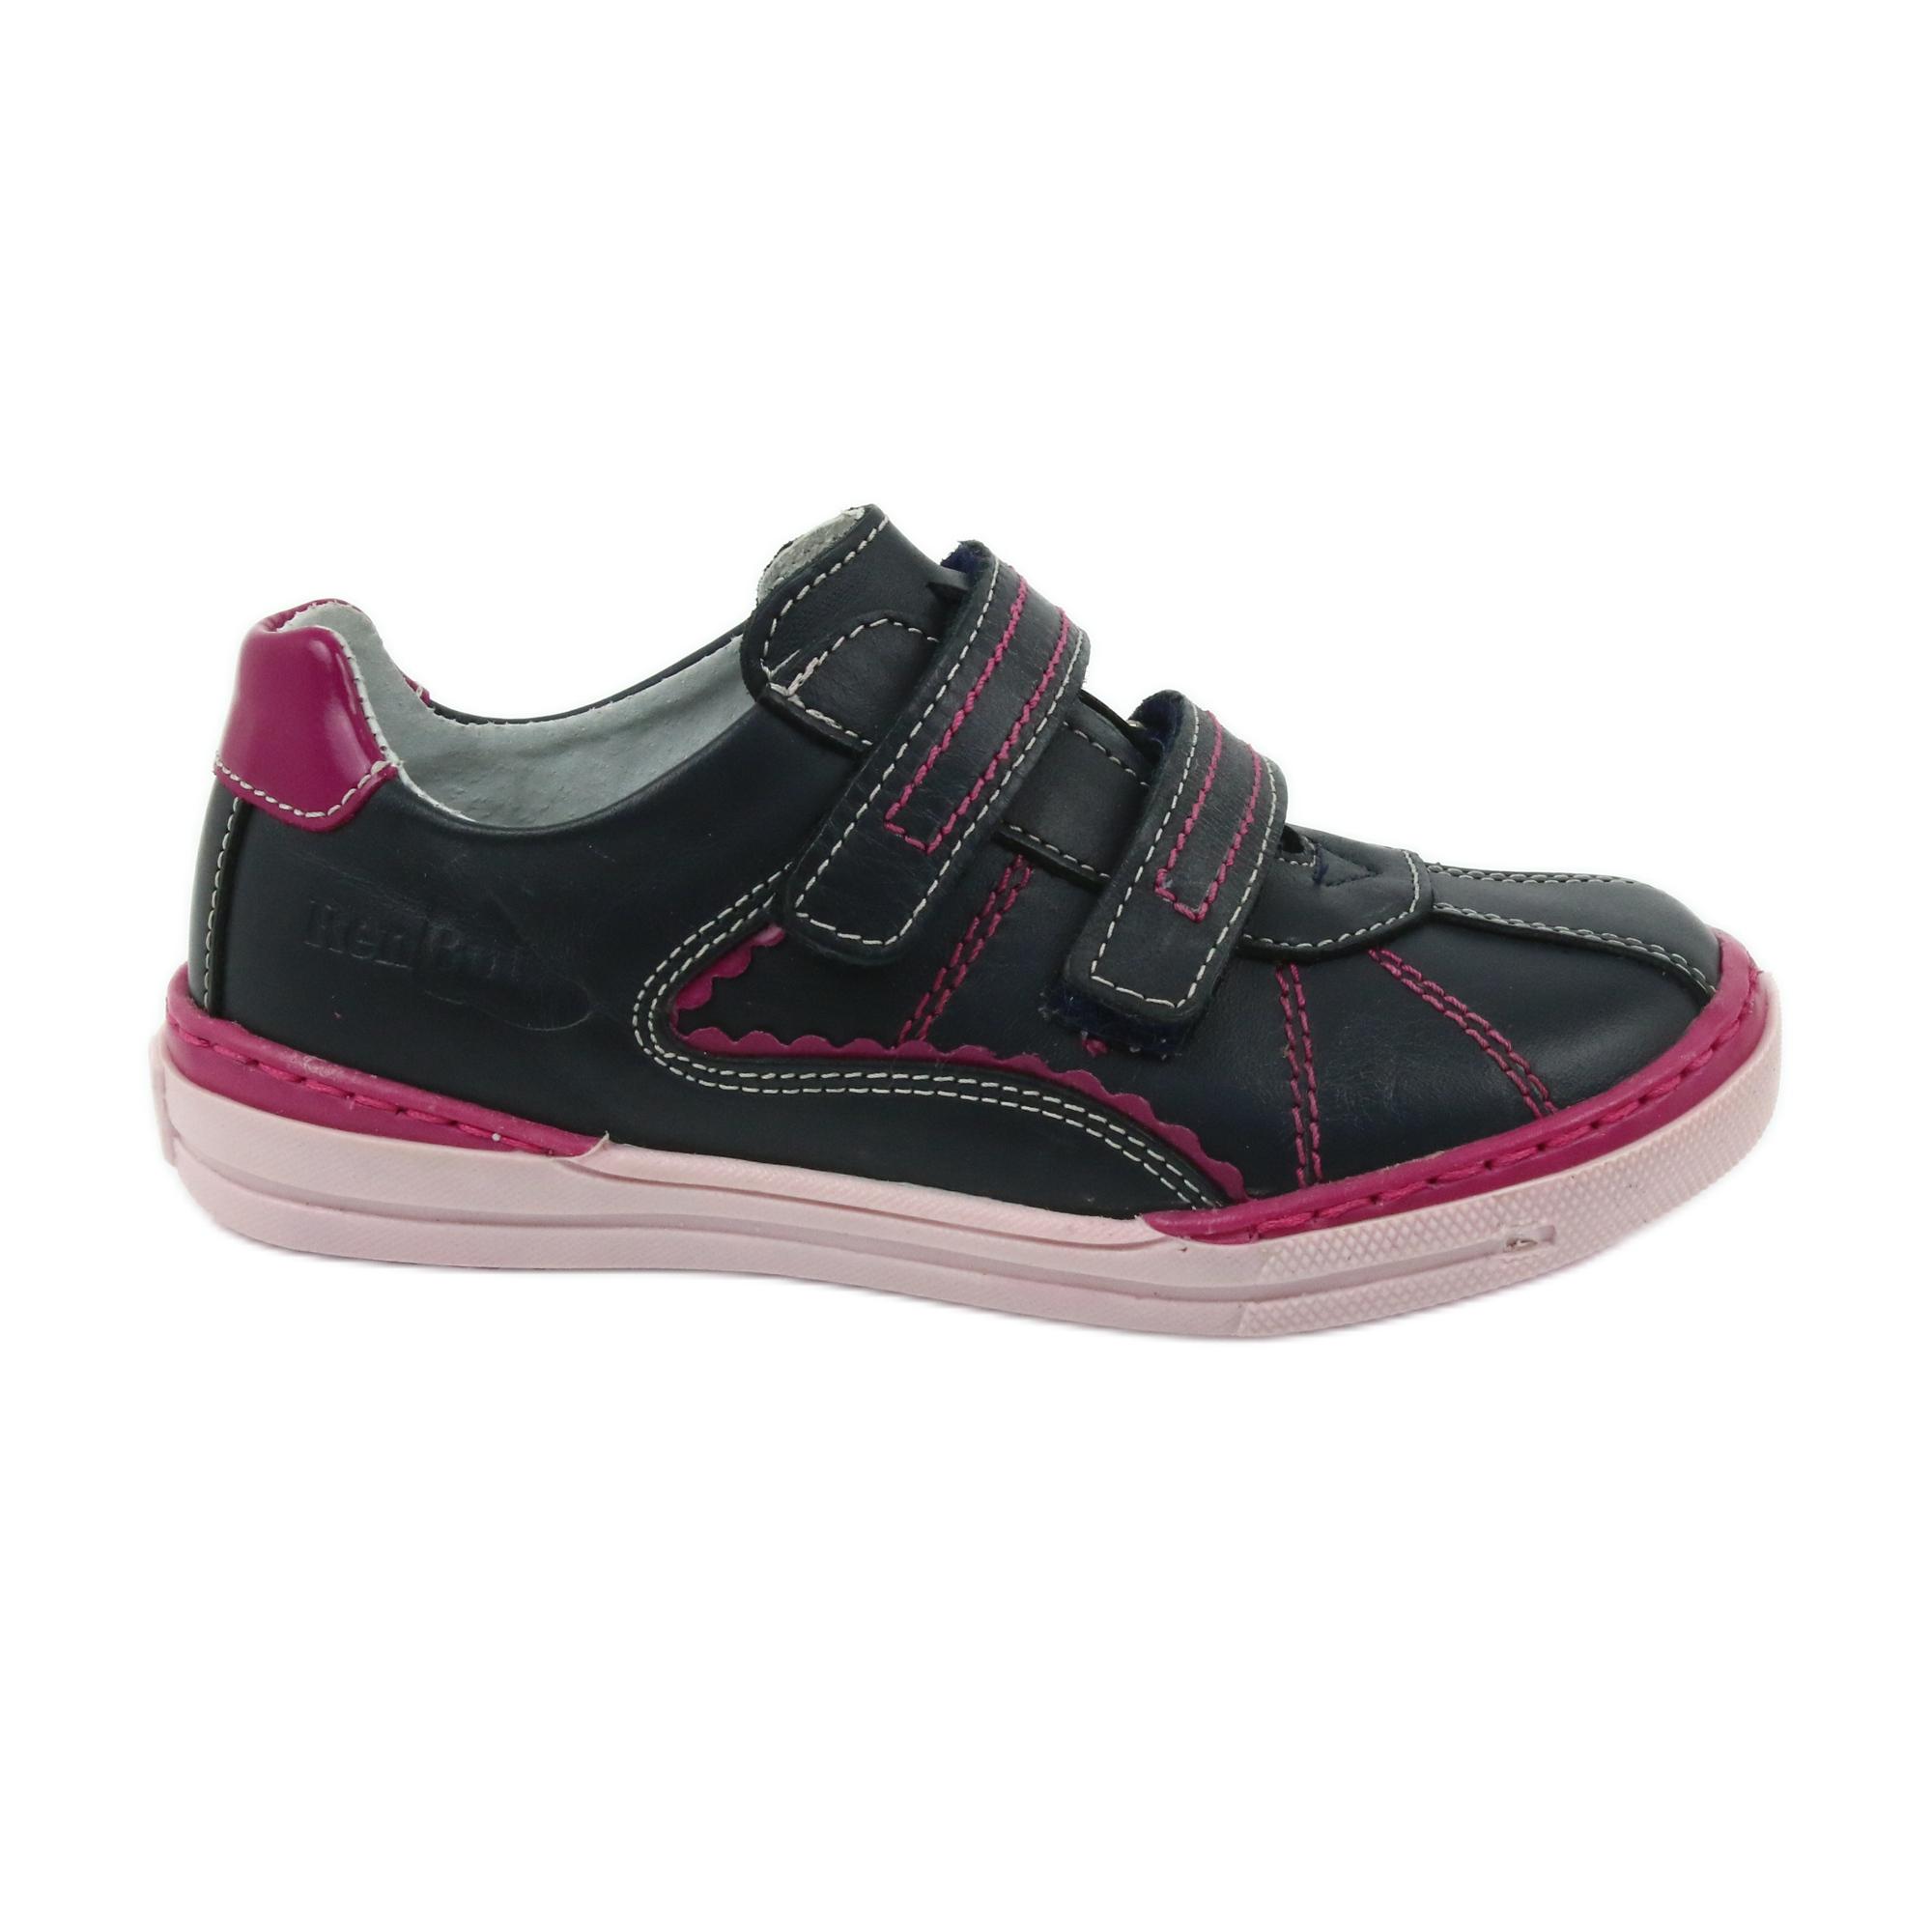 Ren But Botas Sapatos infantis Ren Mas 3193 azul marinho